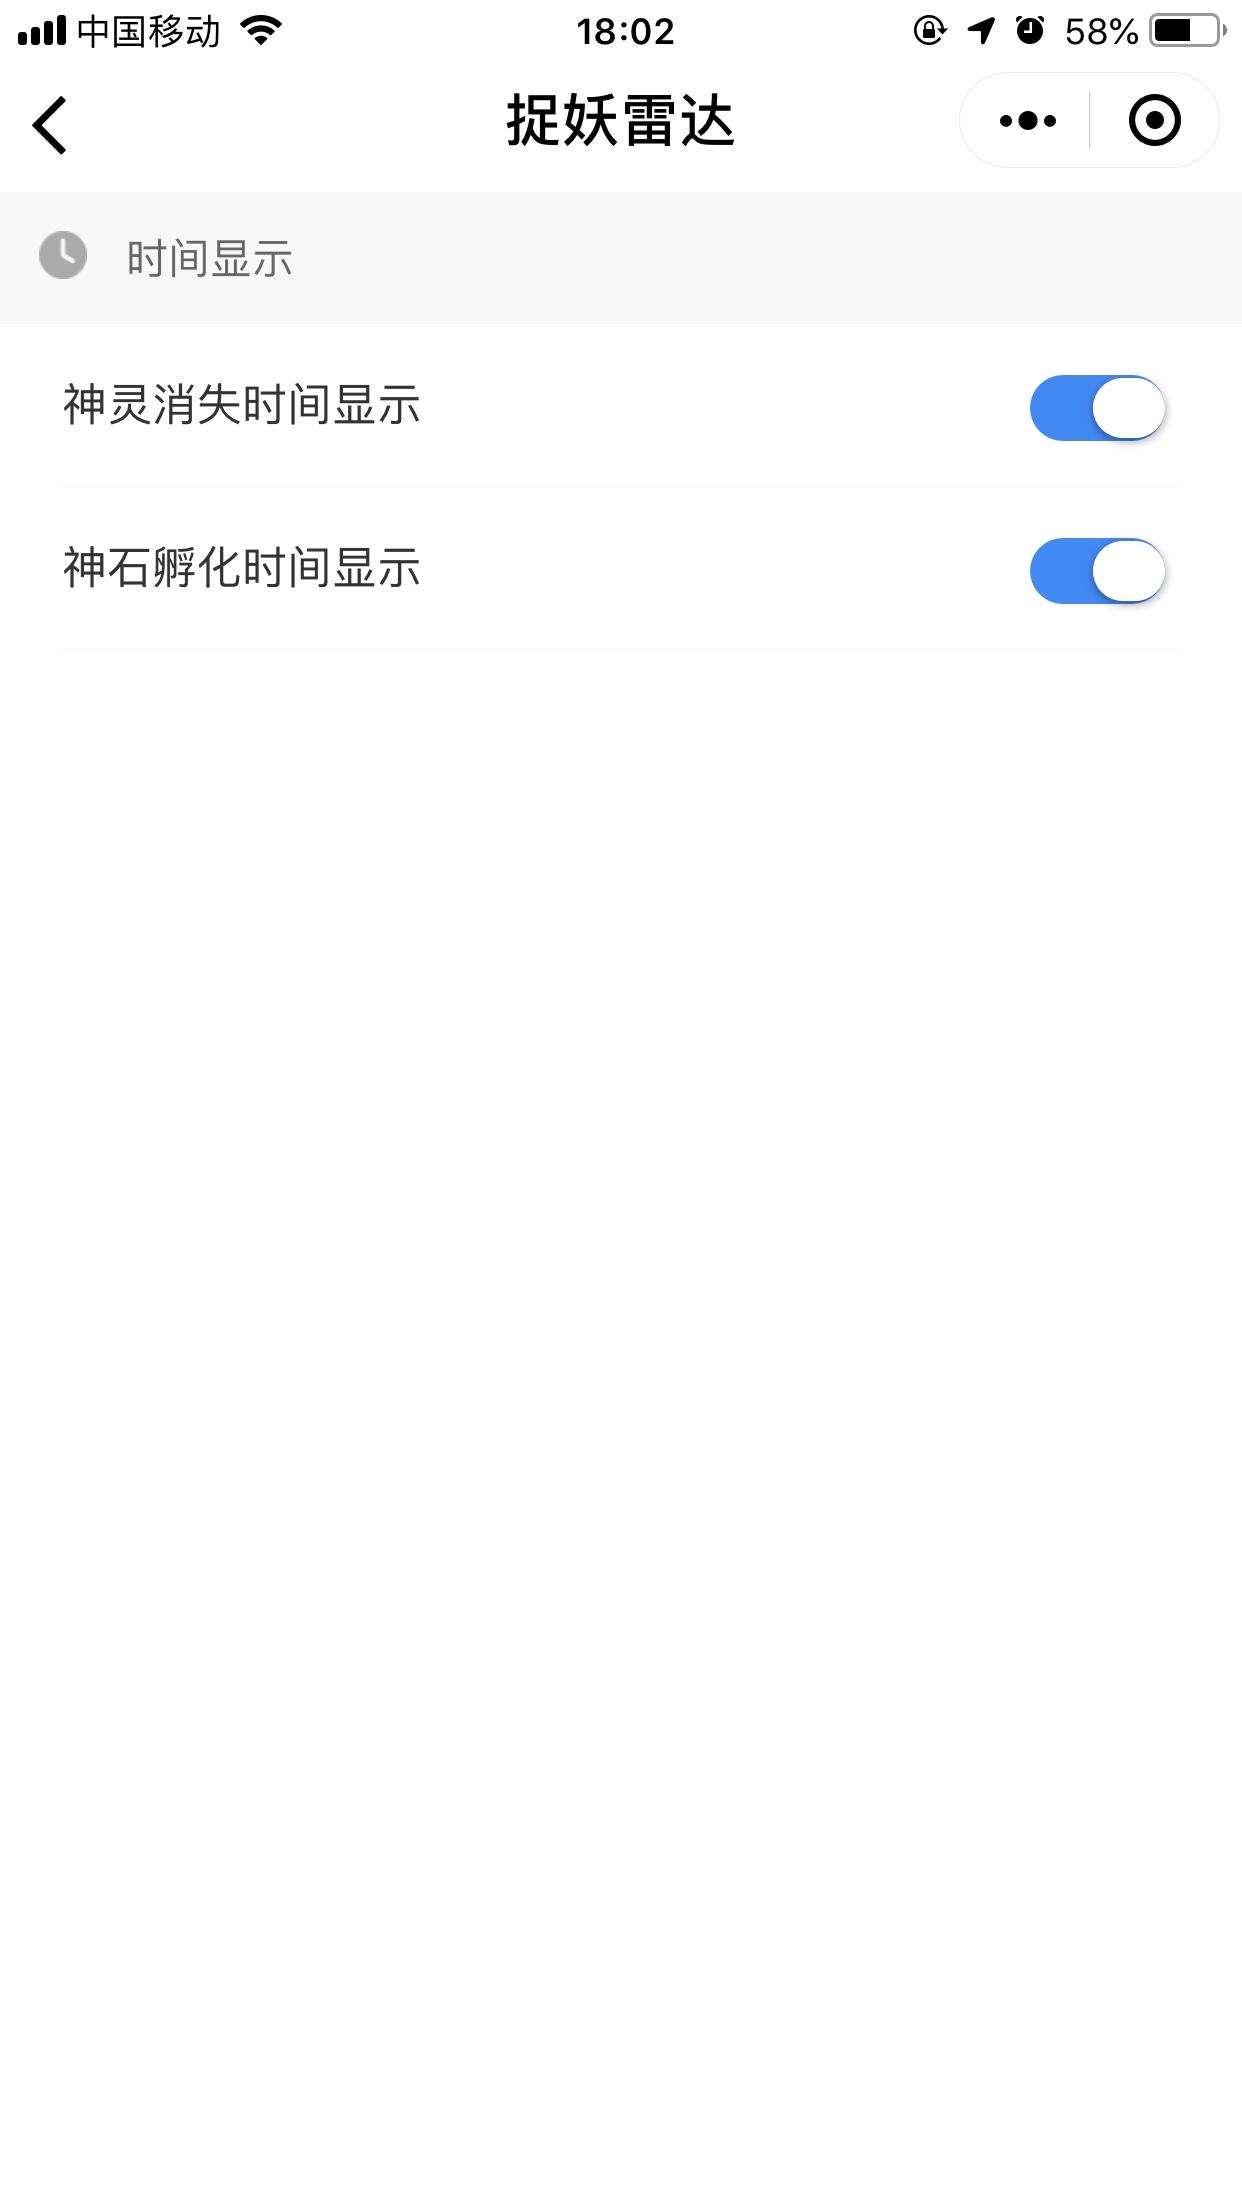 捉妖雷达app图3